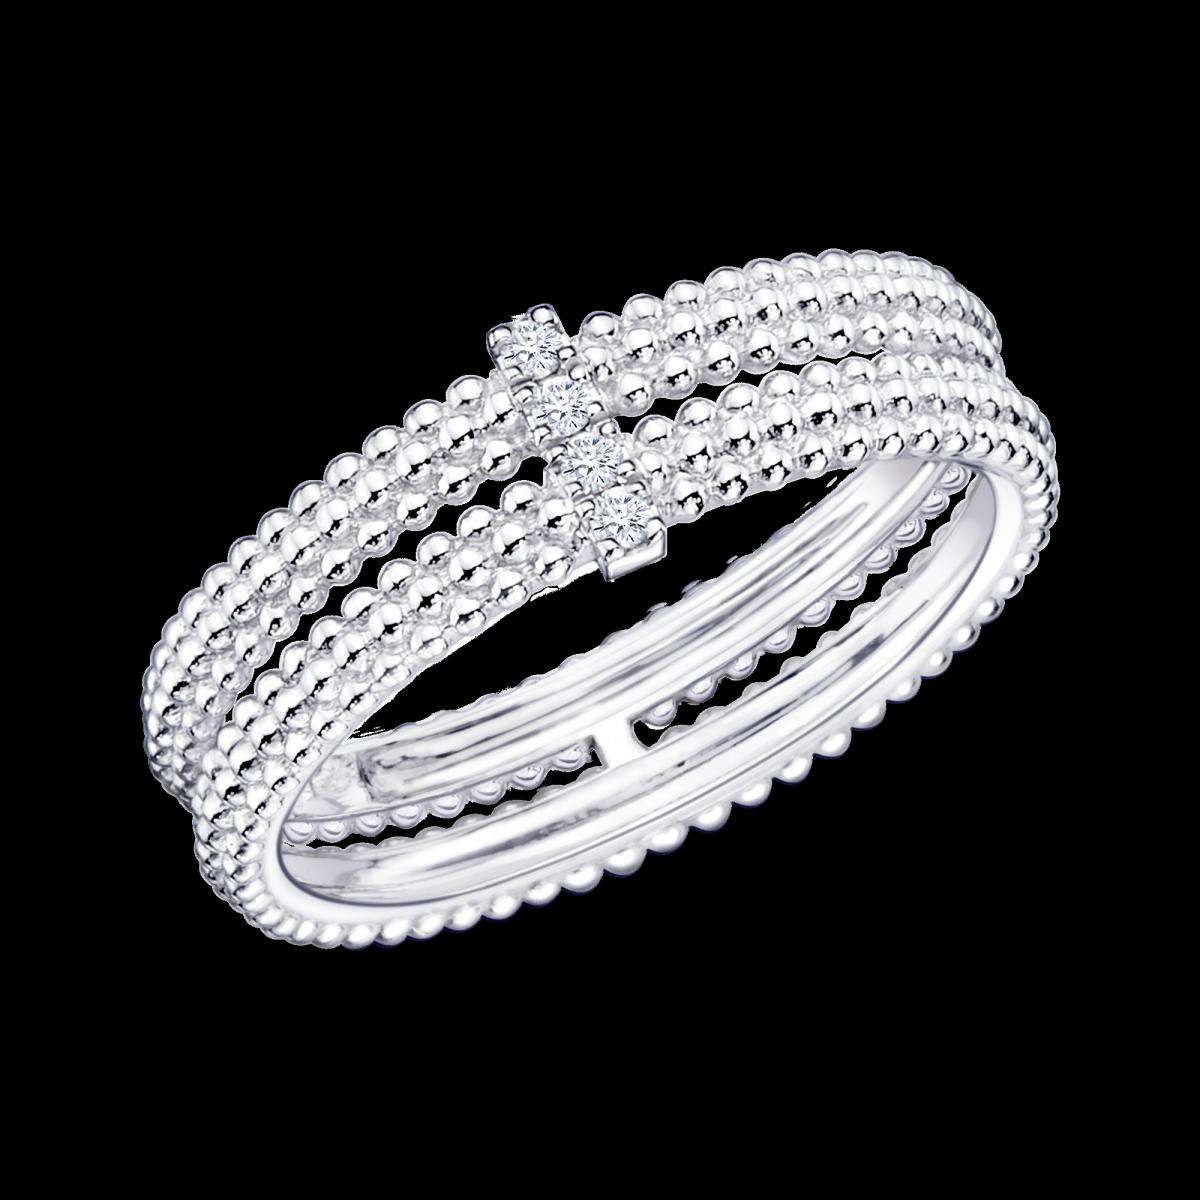 MAUBOUSSINの結婚指輪デザイン5